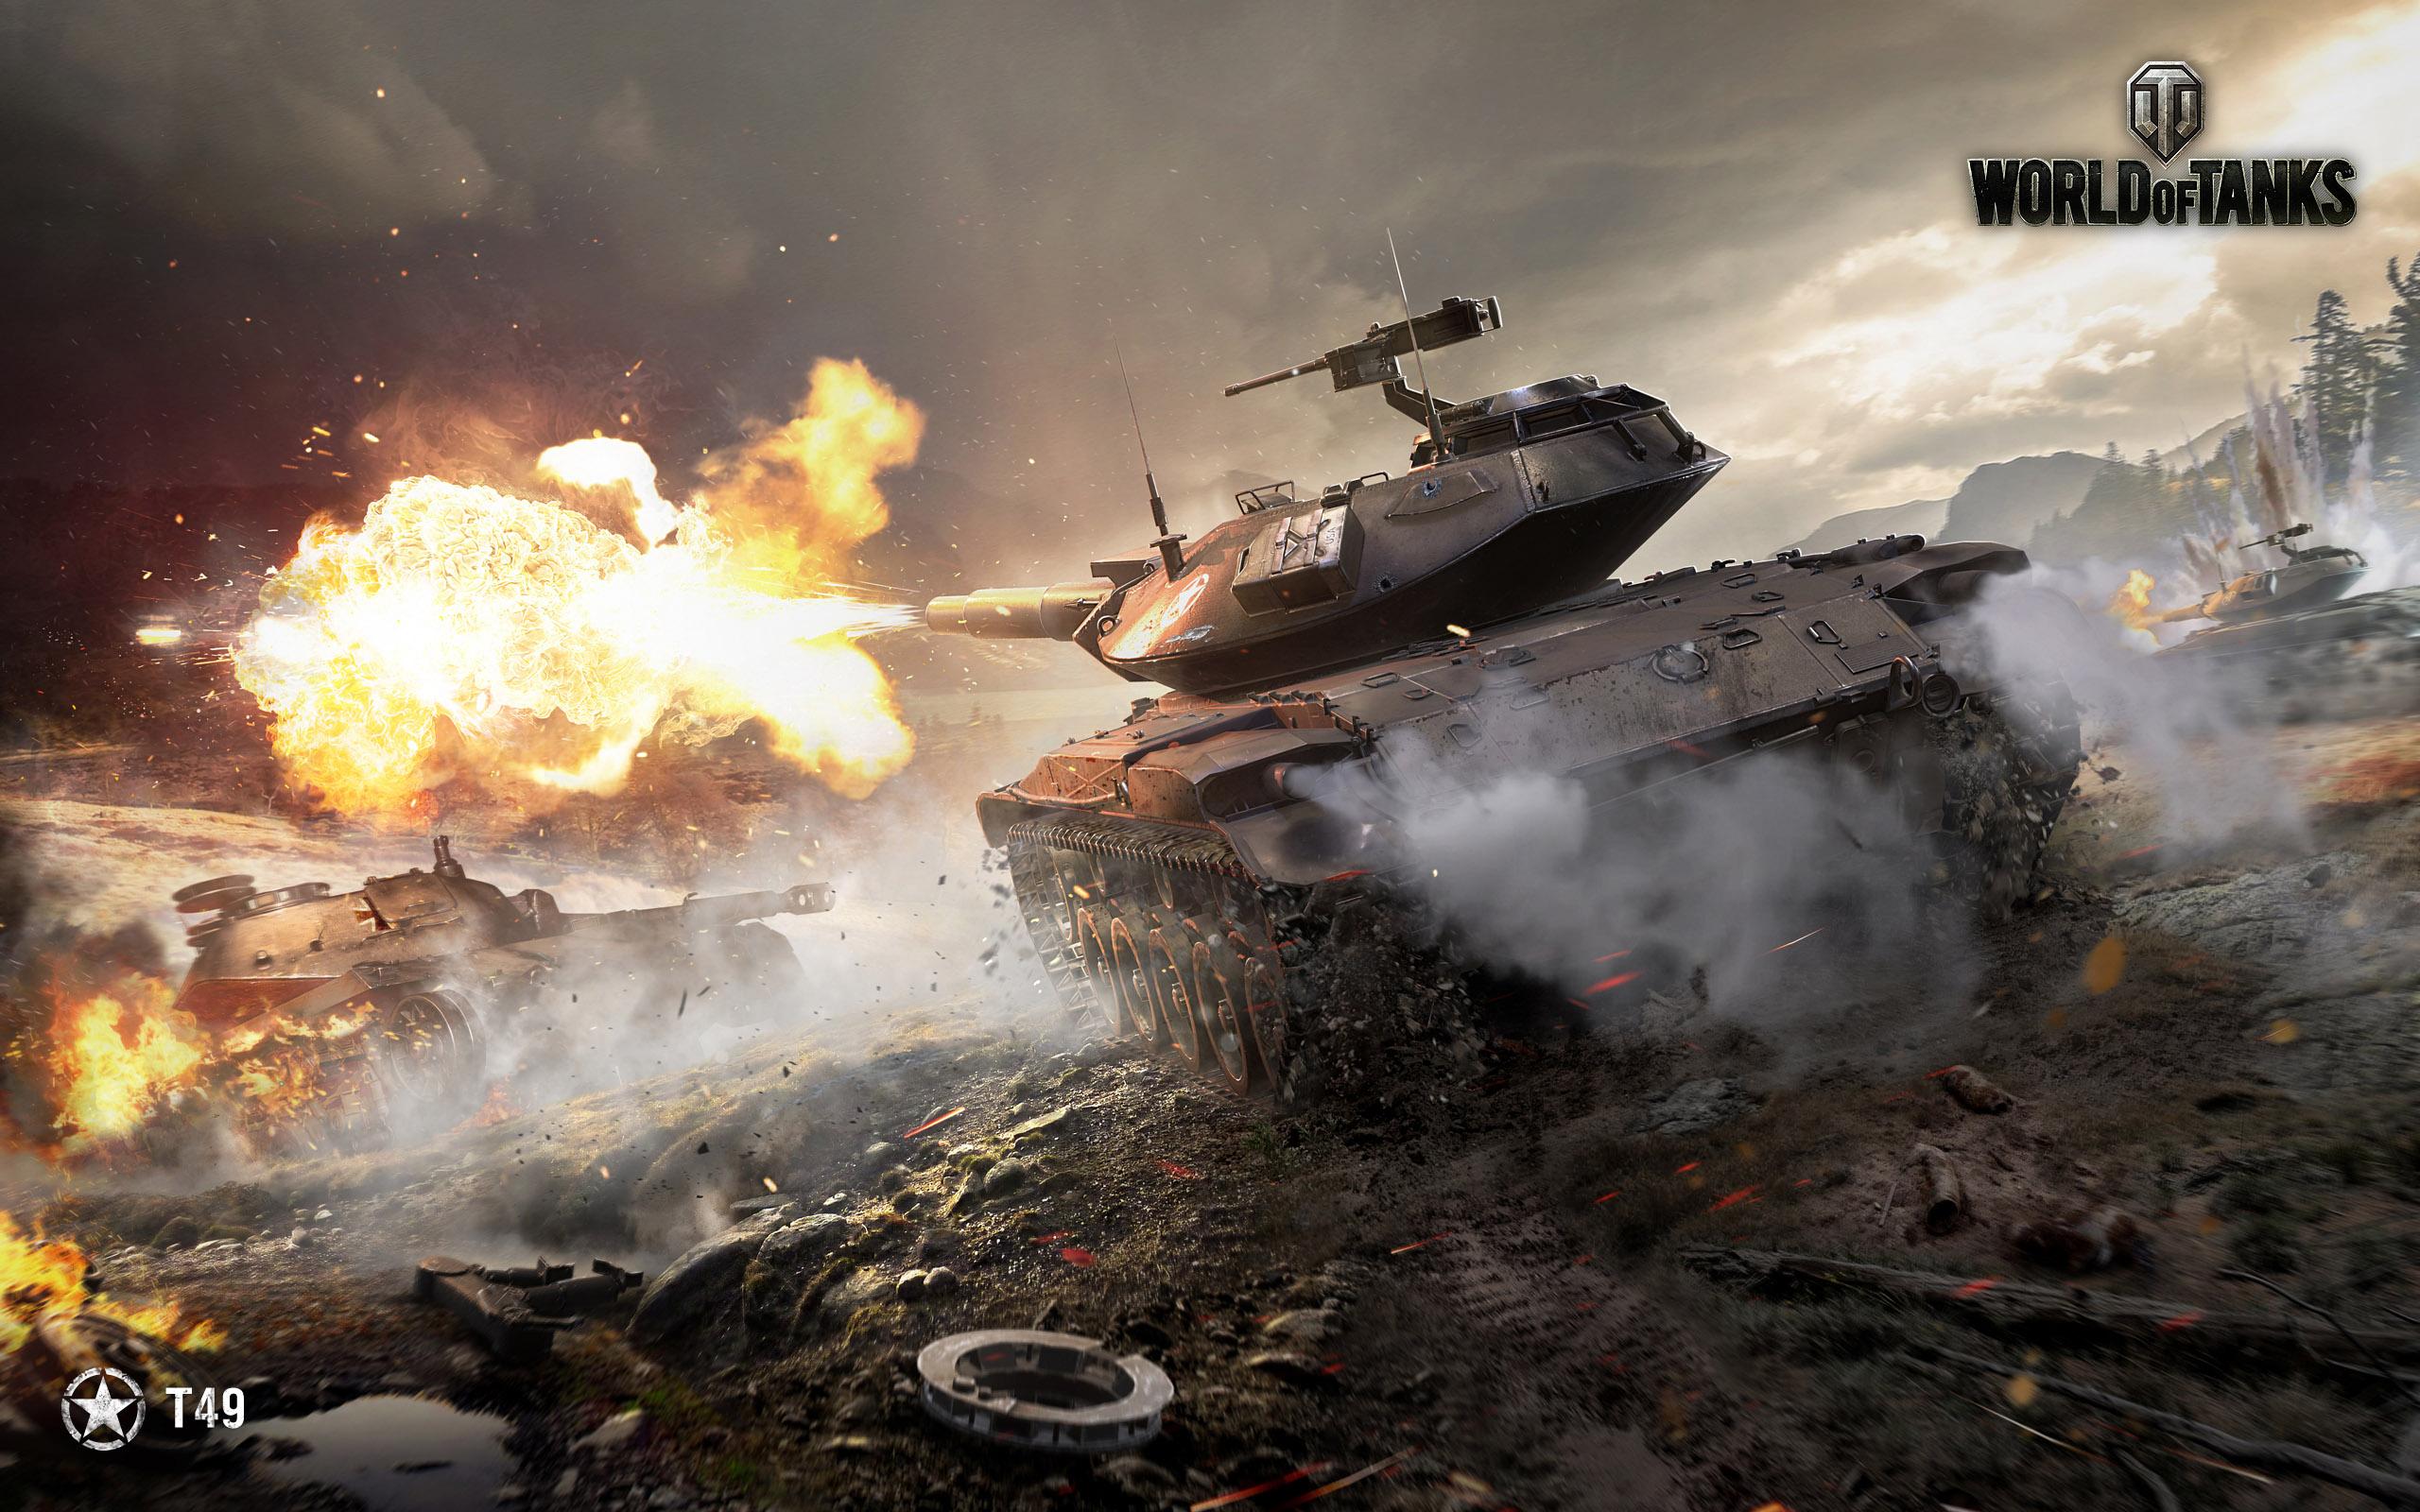 October Wallpaper | General News | World of Tanks